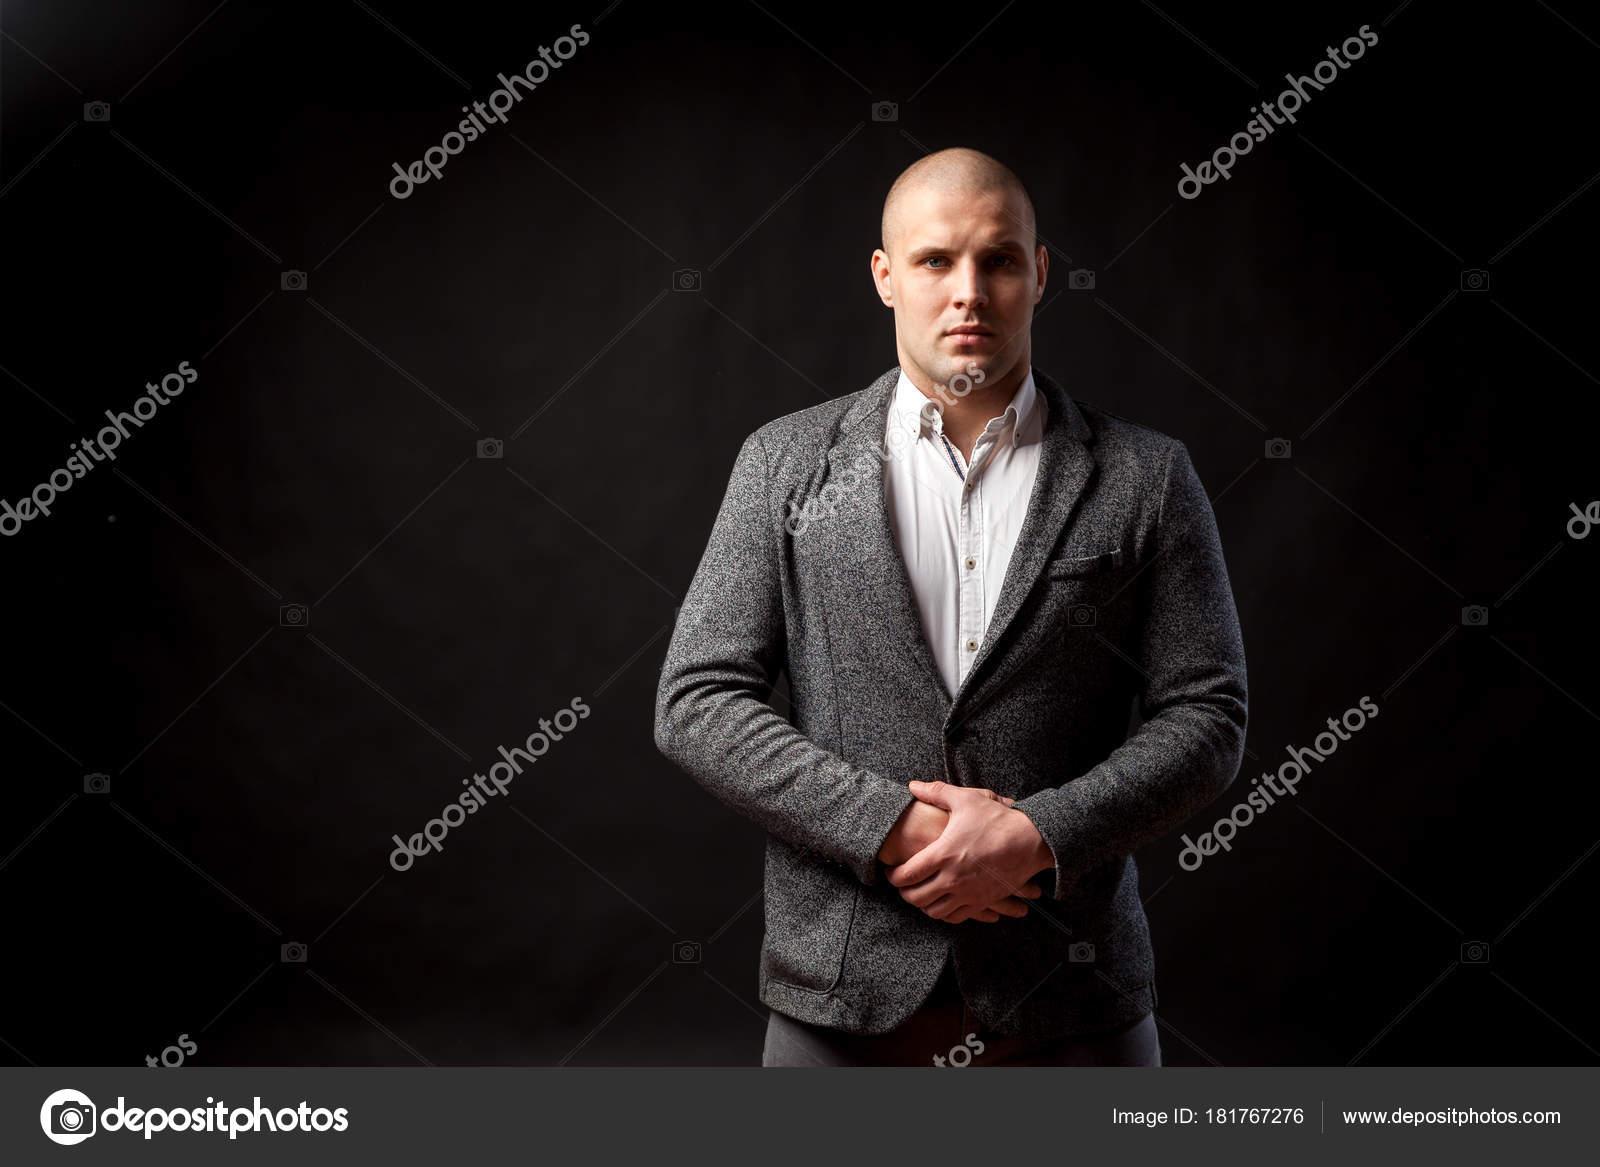 1cba5e73dee14e Un giovane uomo calvo in una camicia bianca, abito grigio con fiducia  esamina la macchina fotografica e tiene le sue mani sulla sua giacca su  sfondo nero ...